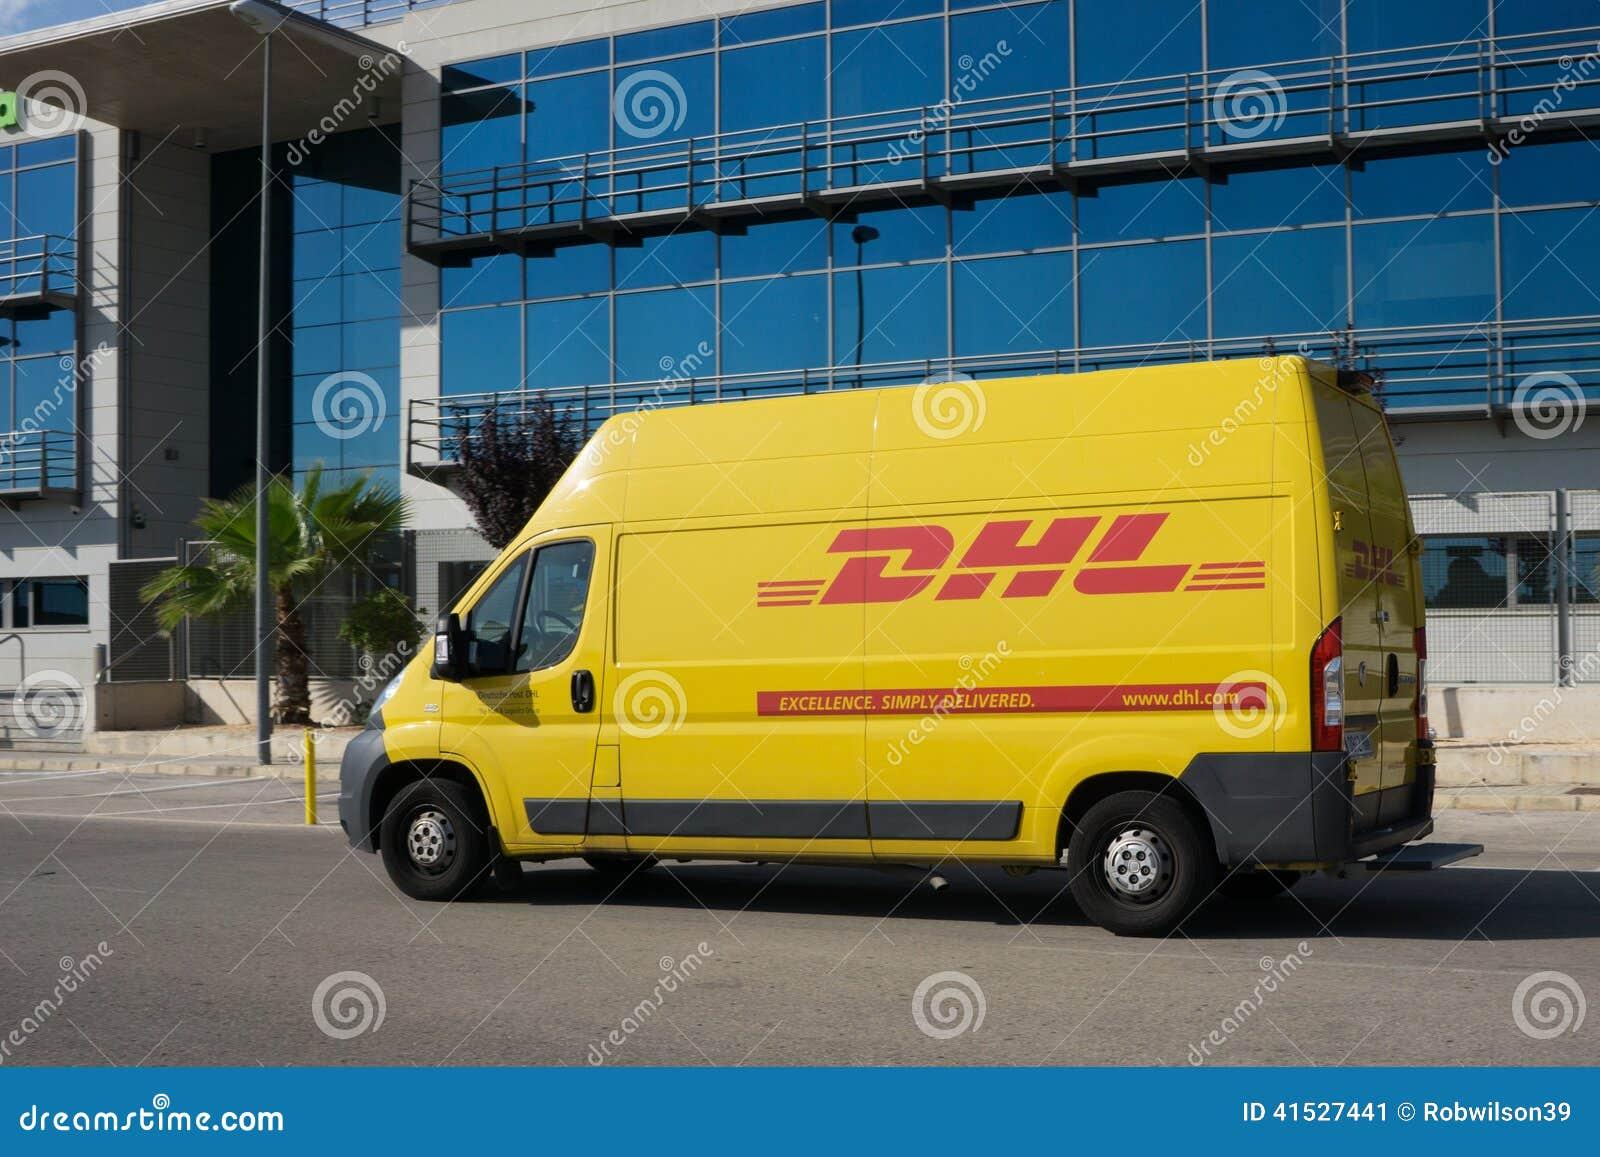 Dhl delivery van editorial photo image 41527441 for Oficinas dhl valencia